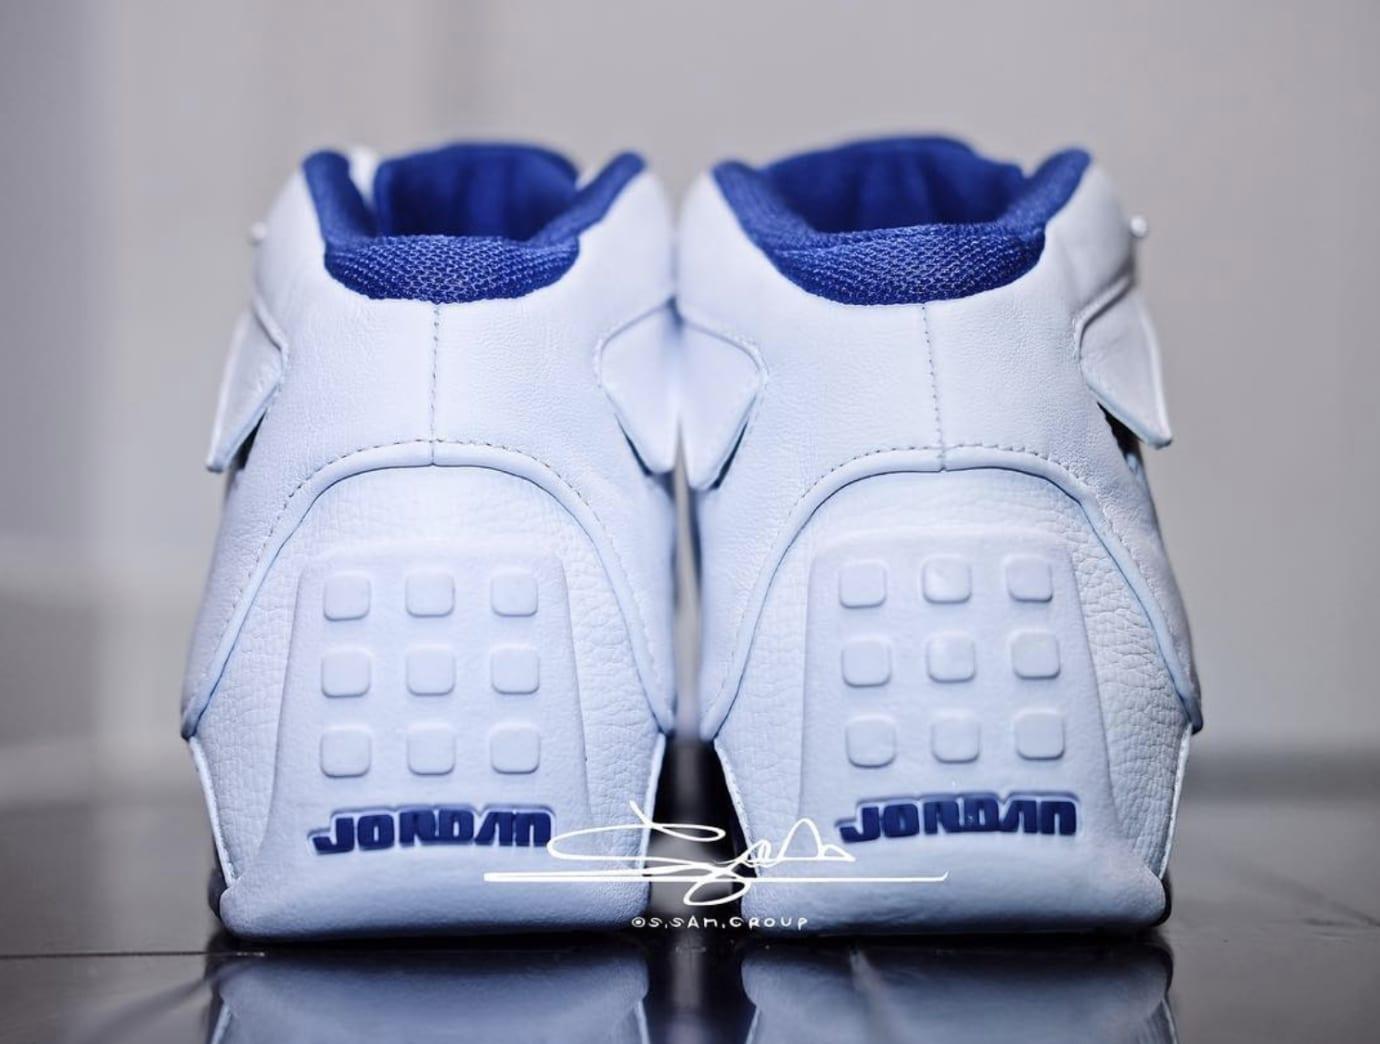 Air Jordan 18 White/Sport Royal-White-Metallic Silver AA2494-106 (Heel)